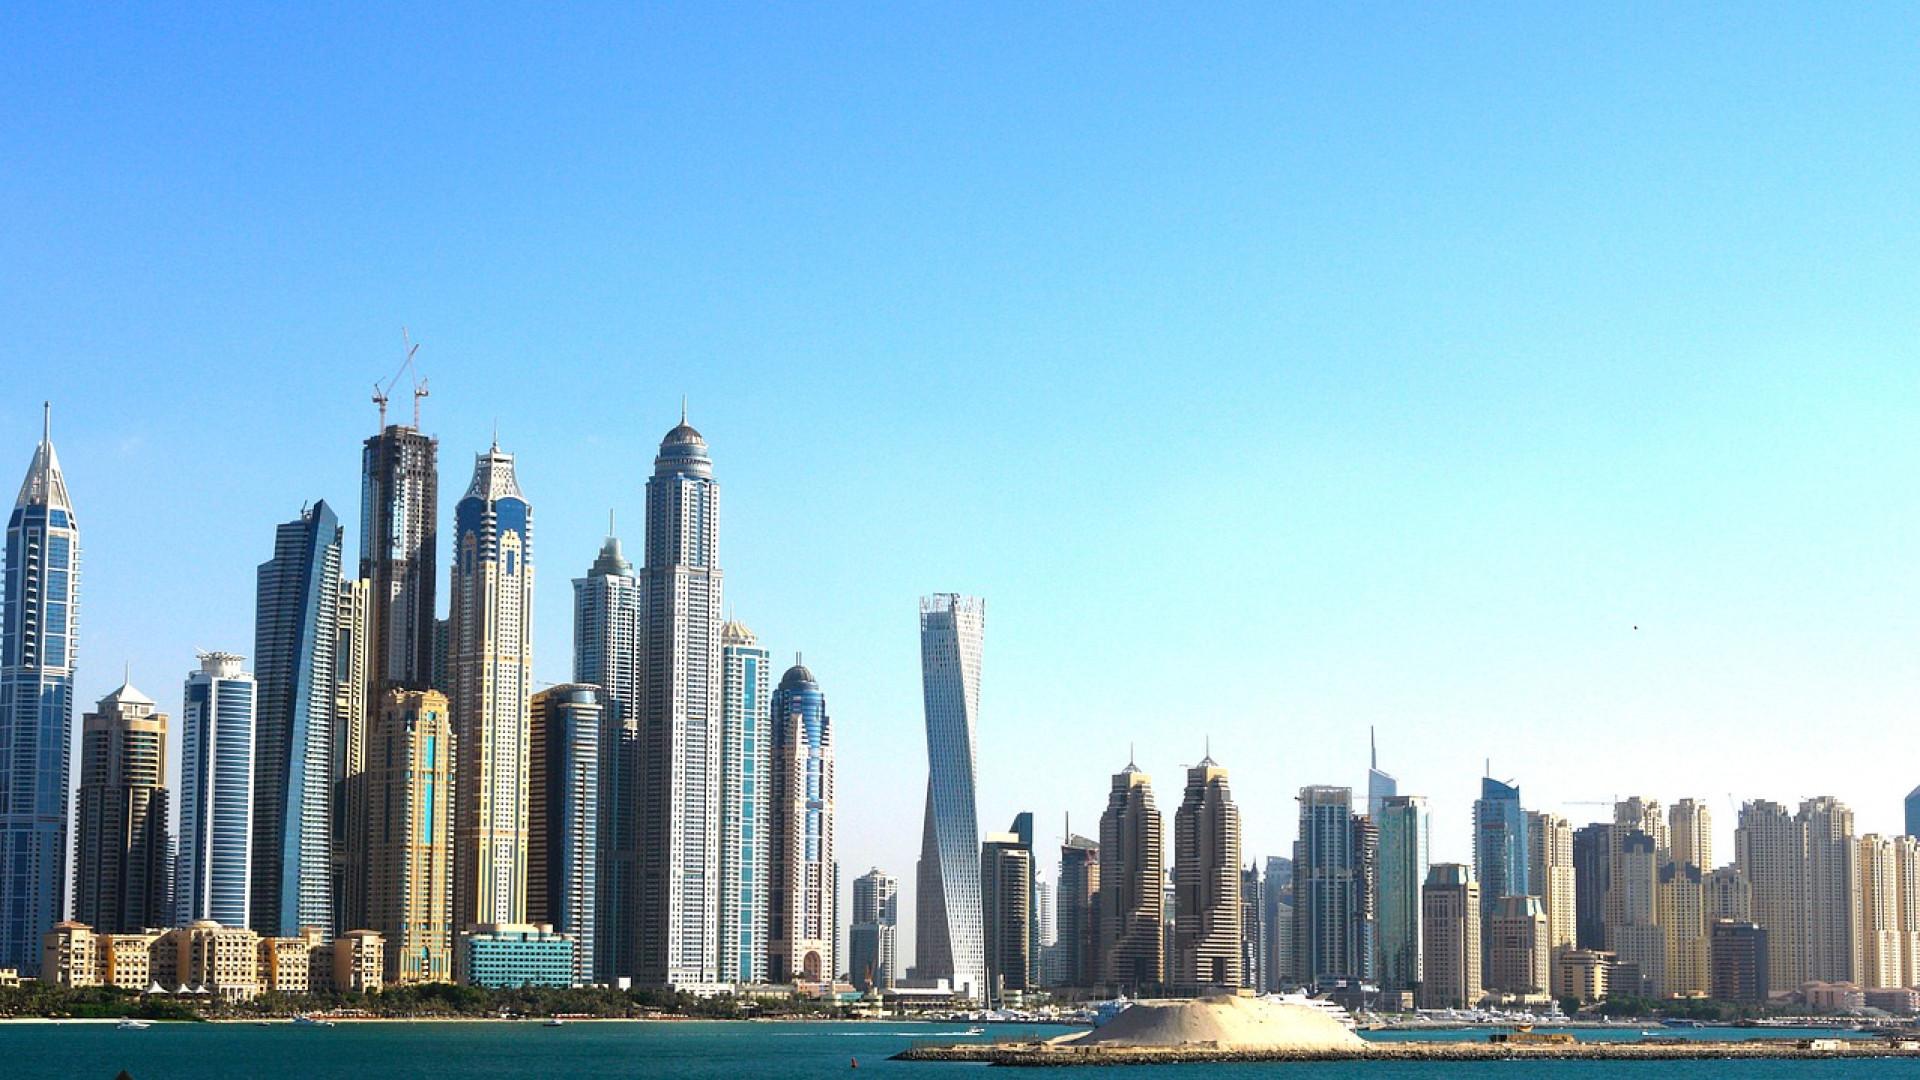 Création de sociétés à Dubaï : une agence spécialisée pour accompagner les investisseurs étrangers